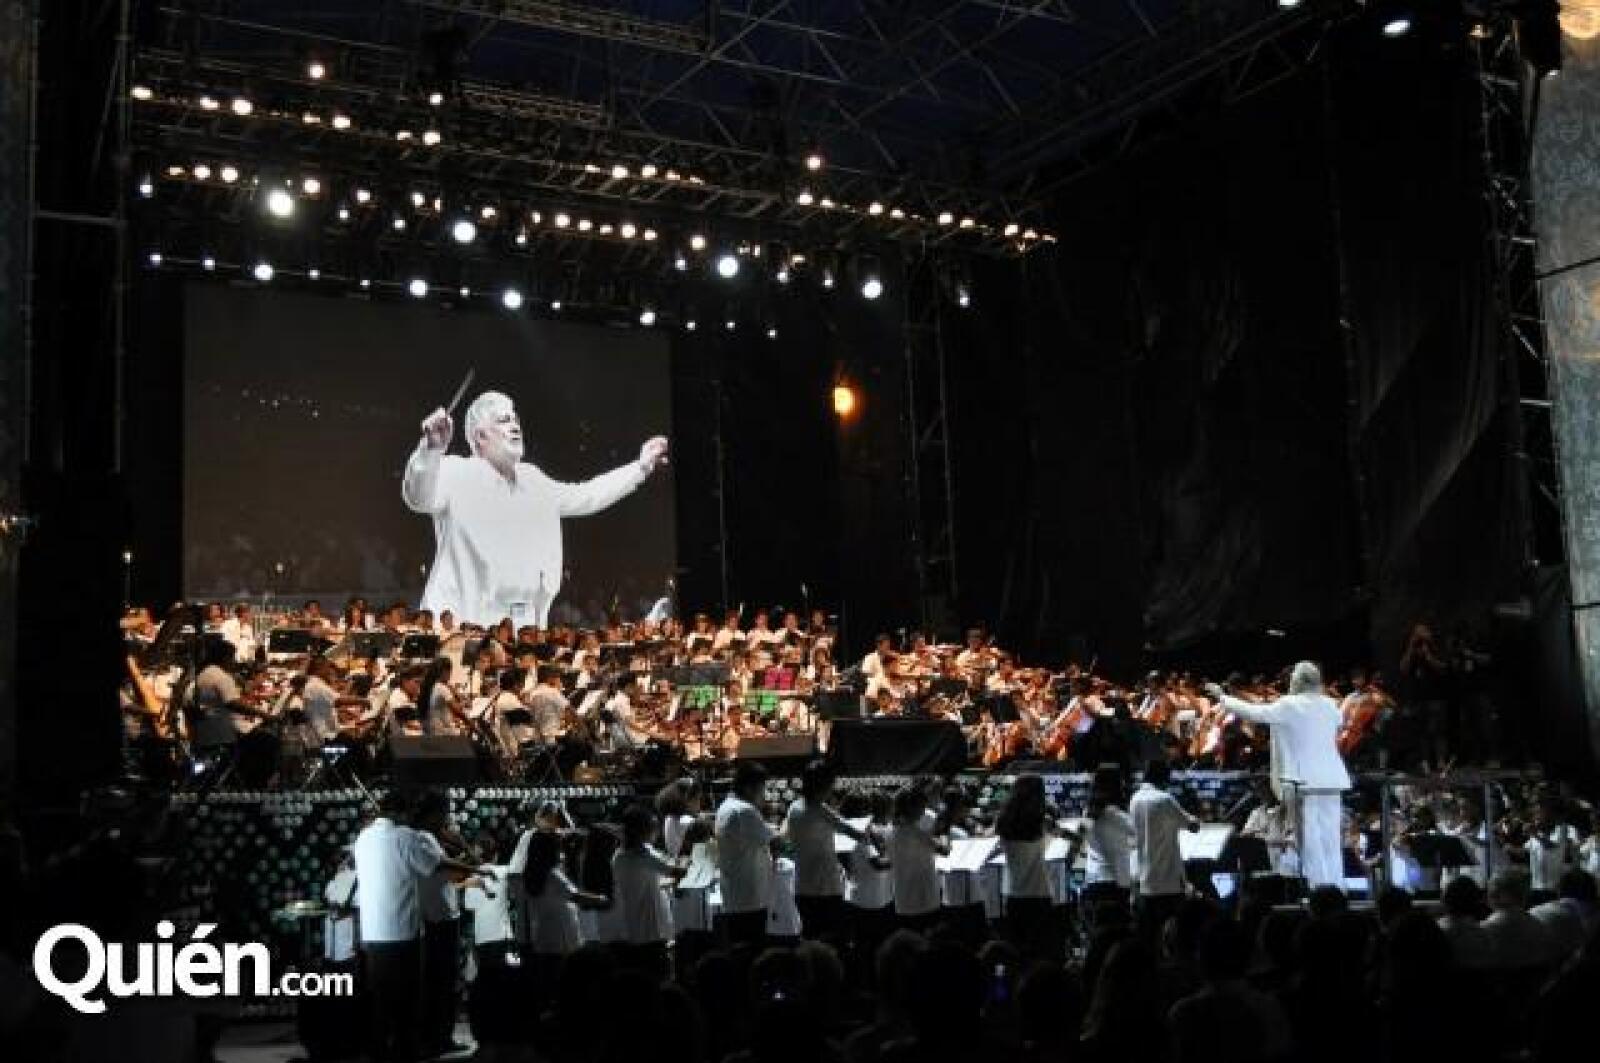 El tenor aseguró sentirse muy contento y agradecido de poder cantar esa noche.